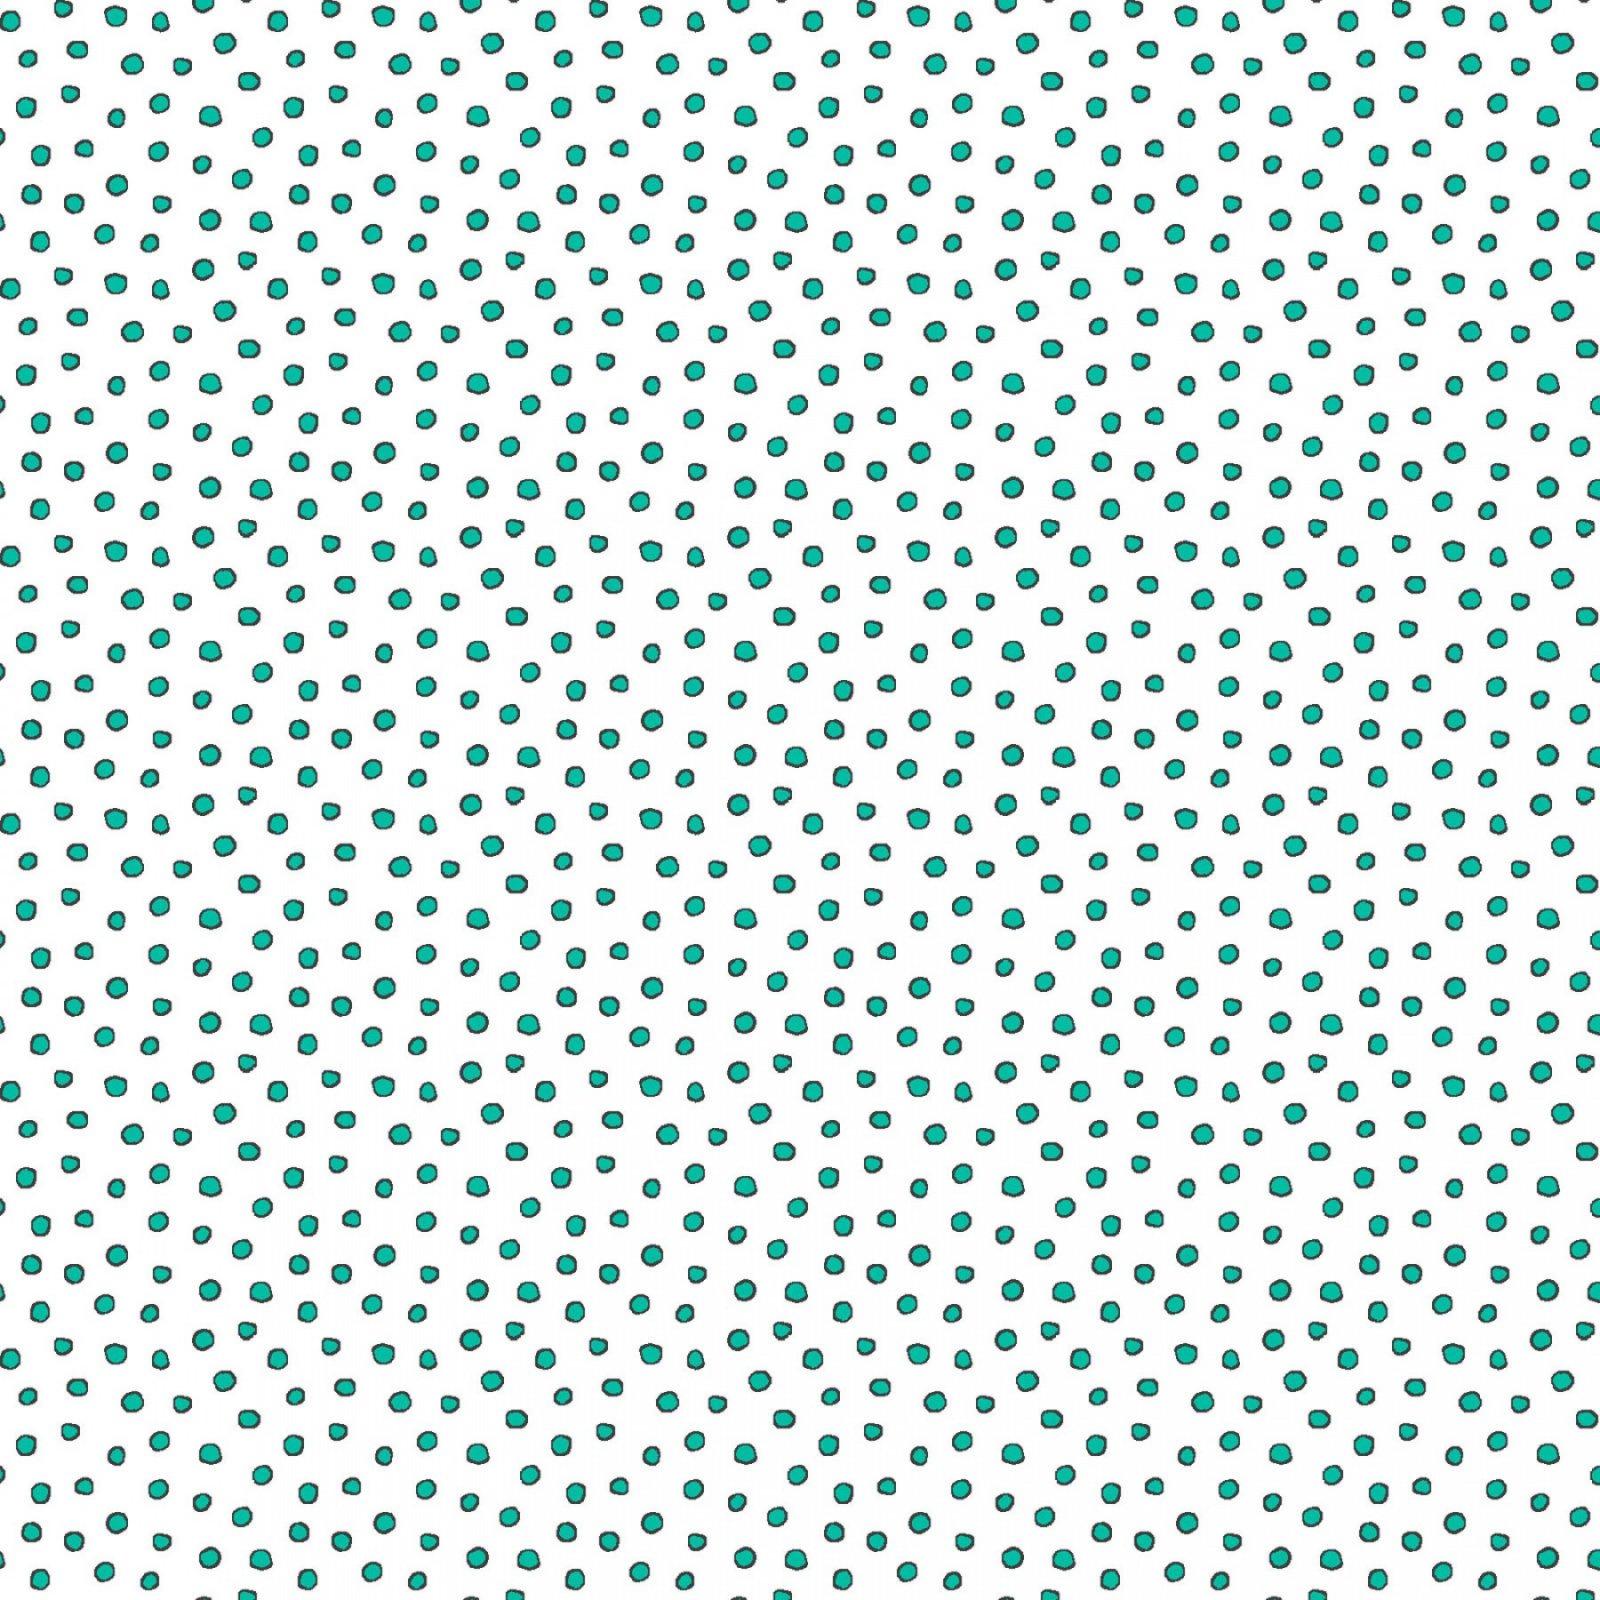 MAS8230-W White w_Green Tiny Dots Roam Sweet Home Maywood Studios